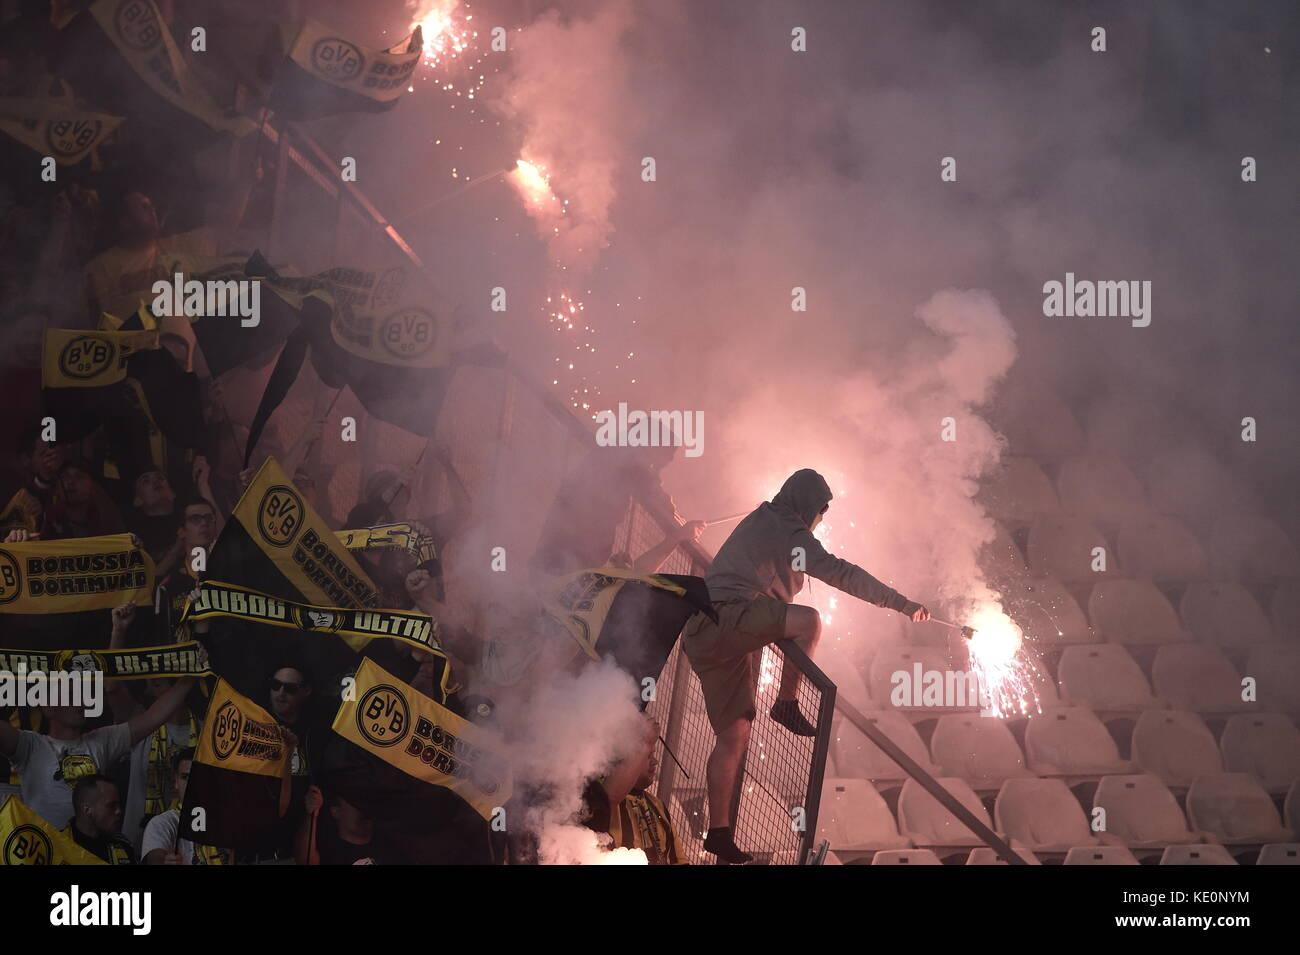 Nikosia, Zypern. 17 Okt, 2017. Dortmund fans Licht Feuerwerk in der steht in der Champions League Gruppenphase qualifikationsspiel Stockfoto